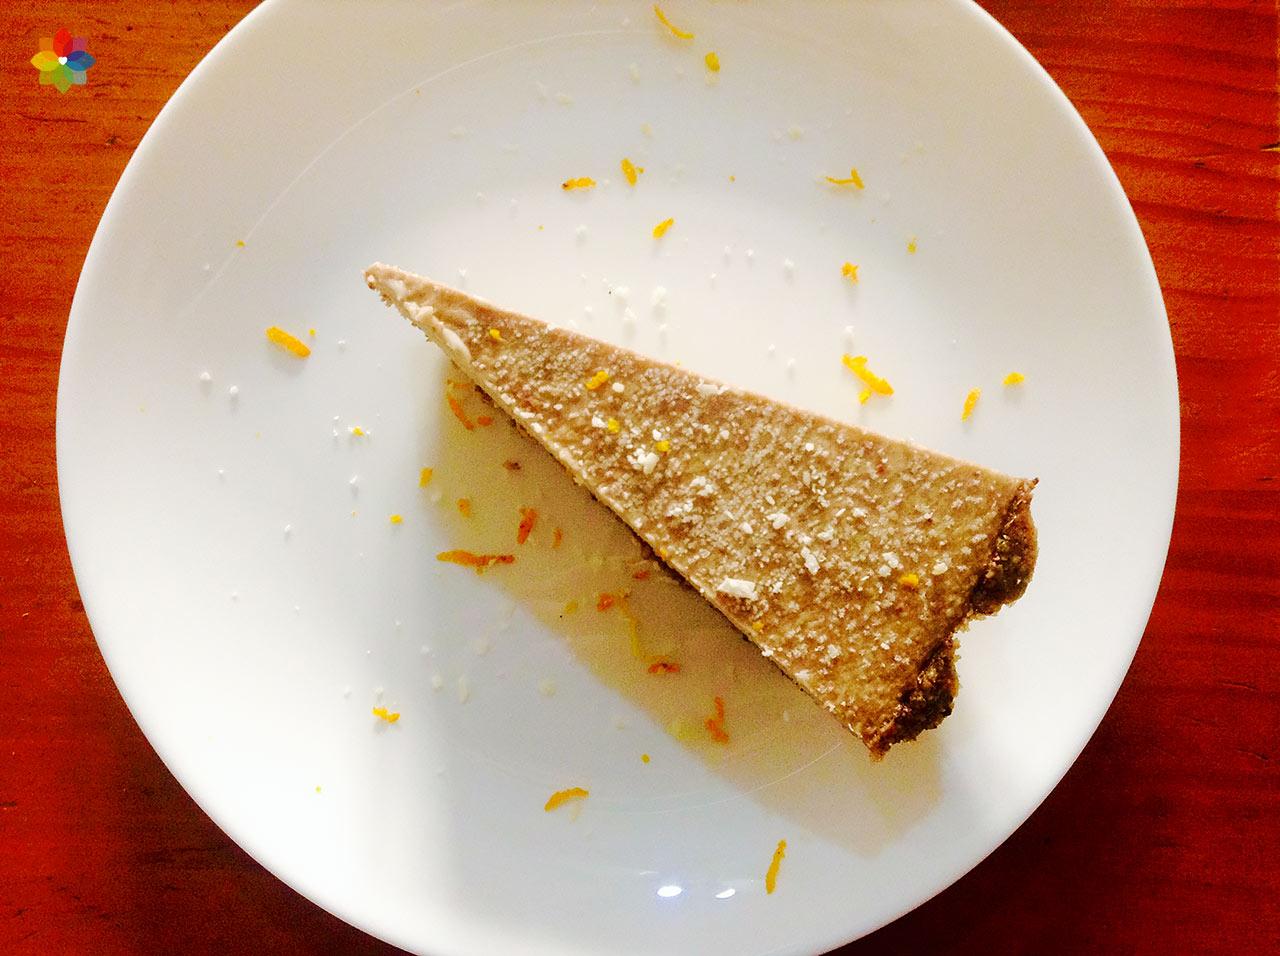 Tarta de banana y coco